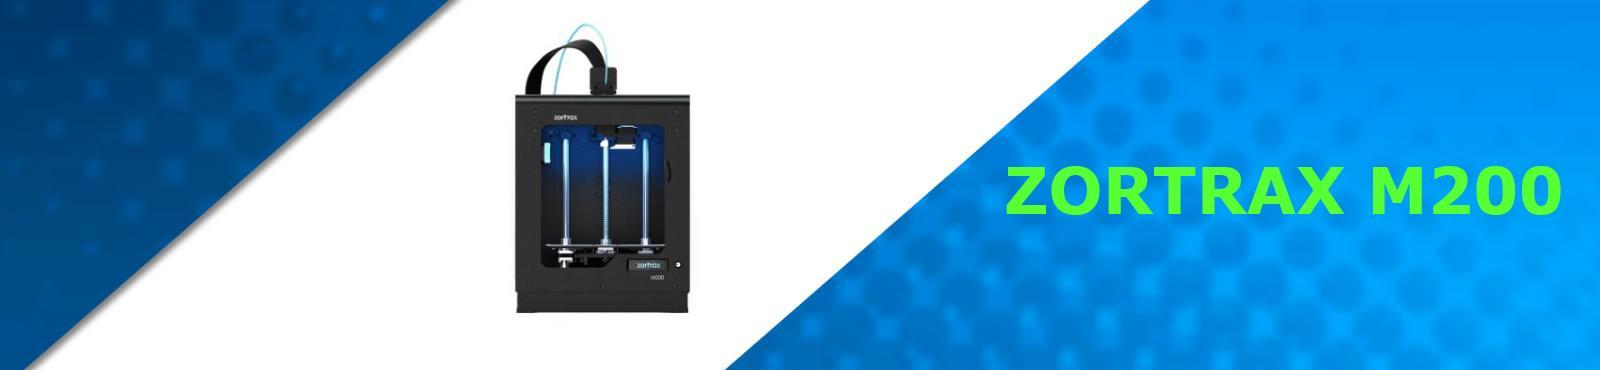 zortrax m200 impression 3D de qualité professionnelle pour un tarif d'une machine de bureau